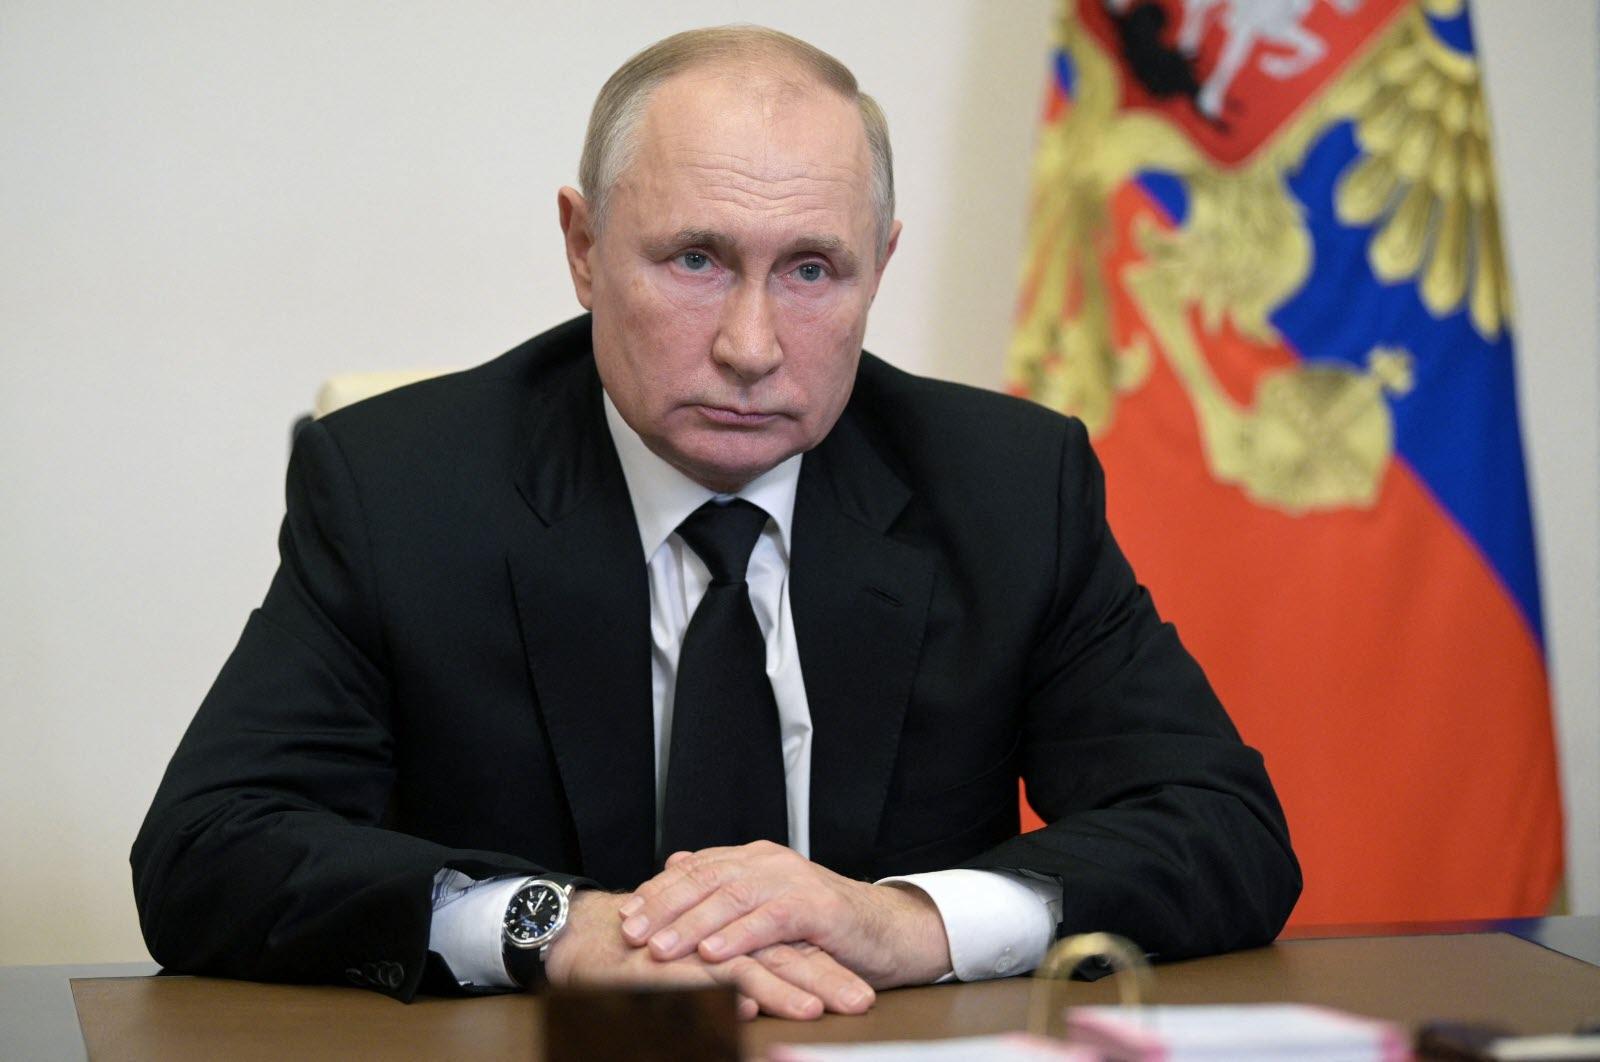 Vladimir Vladimirovitch Poutine, Officier du KGB, homme d'État russe. Président de la fédération de Russie (par intérim de 1999 à 2000, et de plein exercice de 2000 à 2008 et depuis 2012).